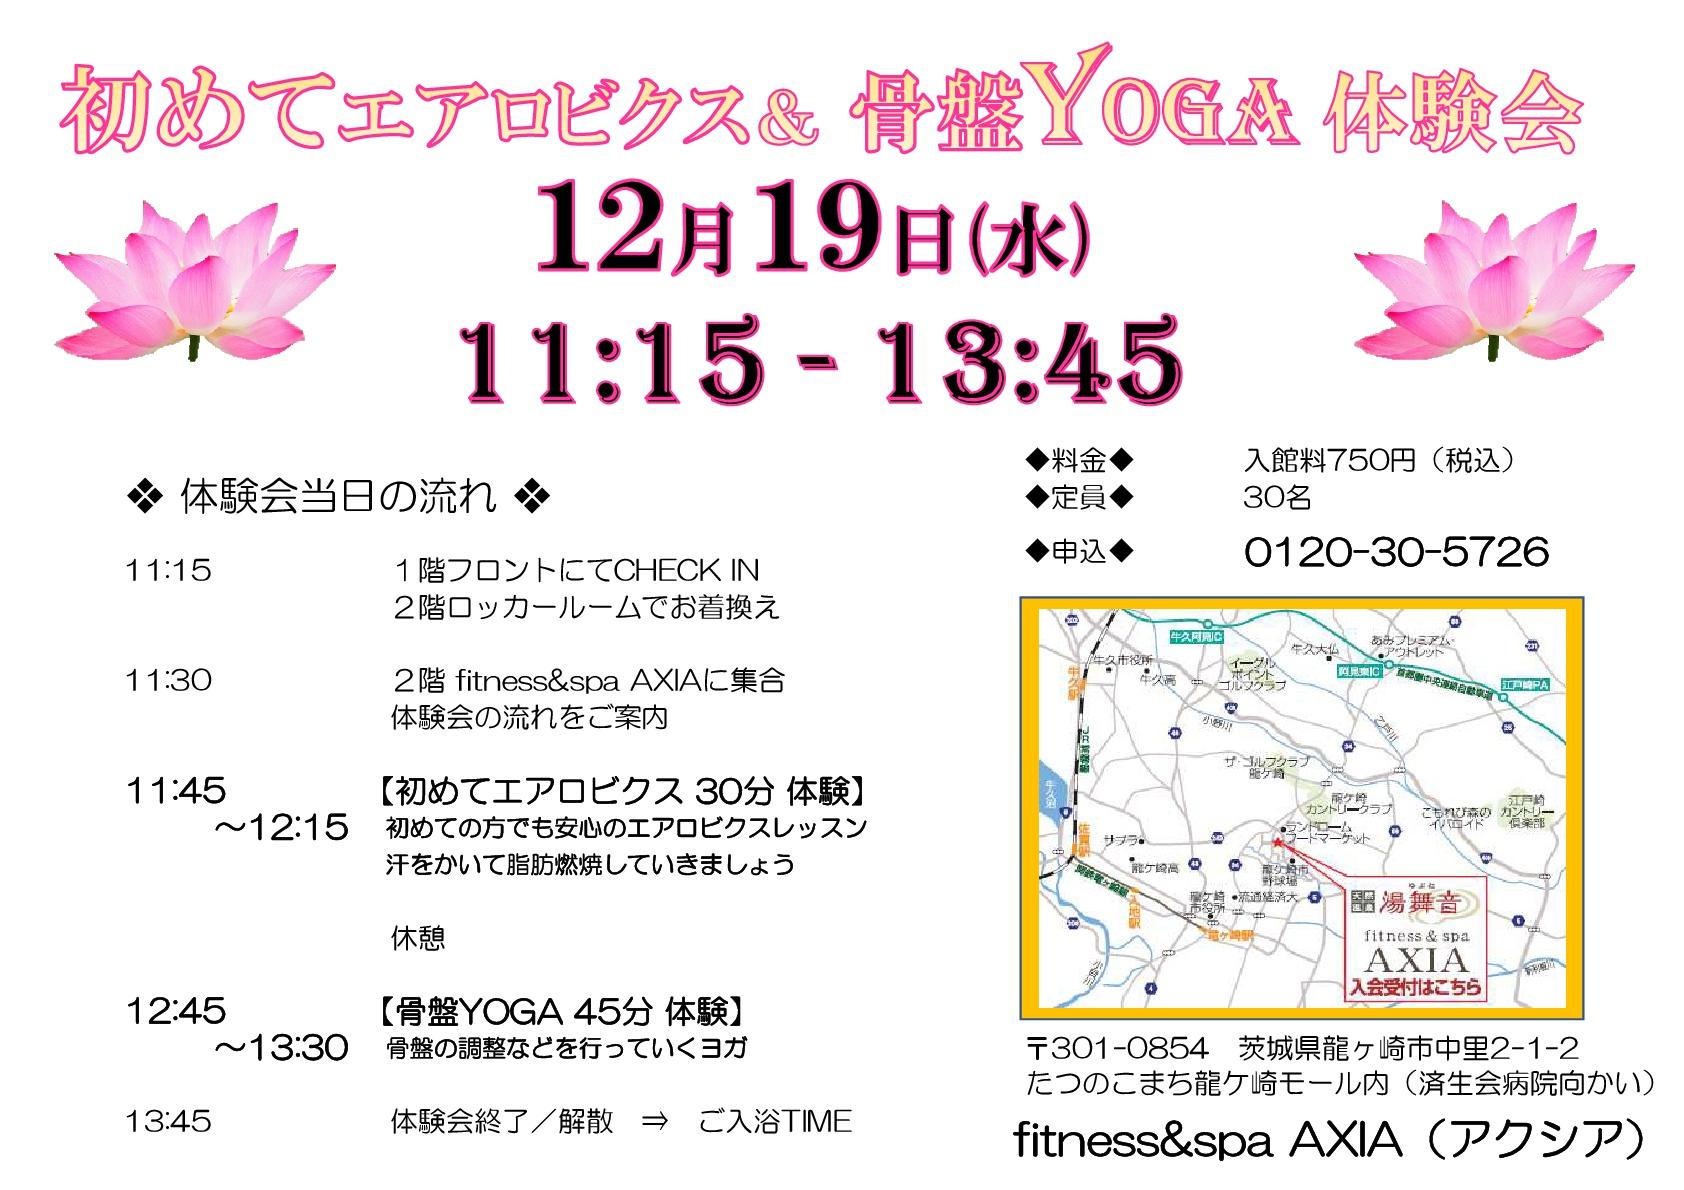 初めてエアロ&YOGA体験会開催!